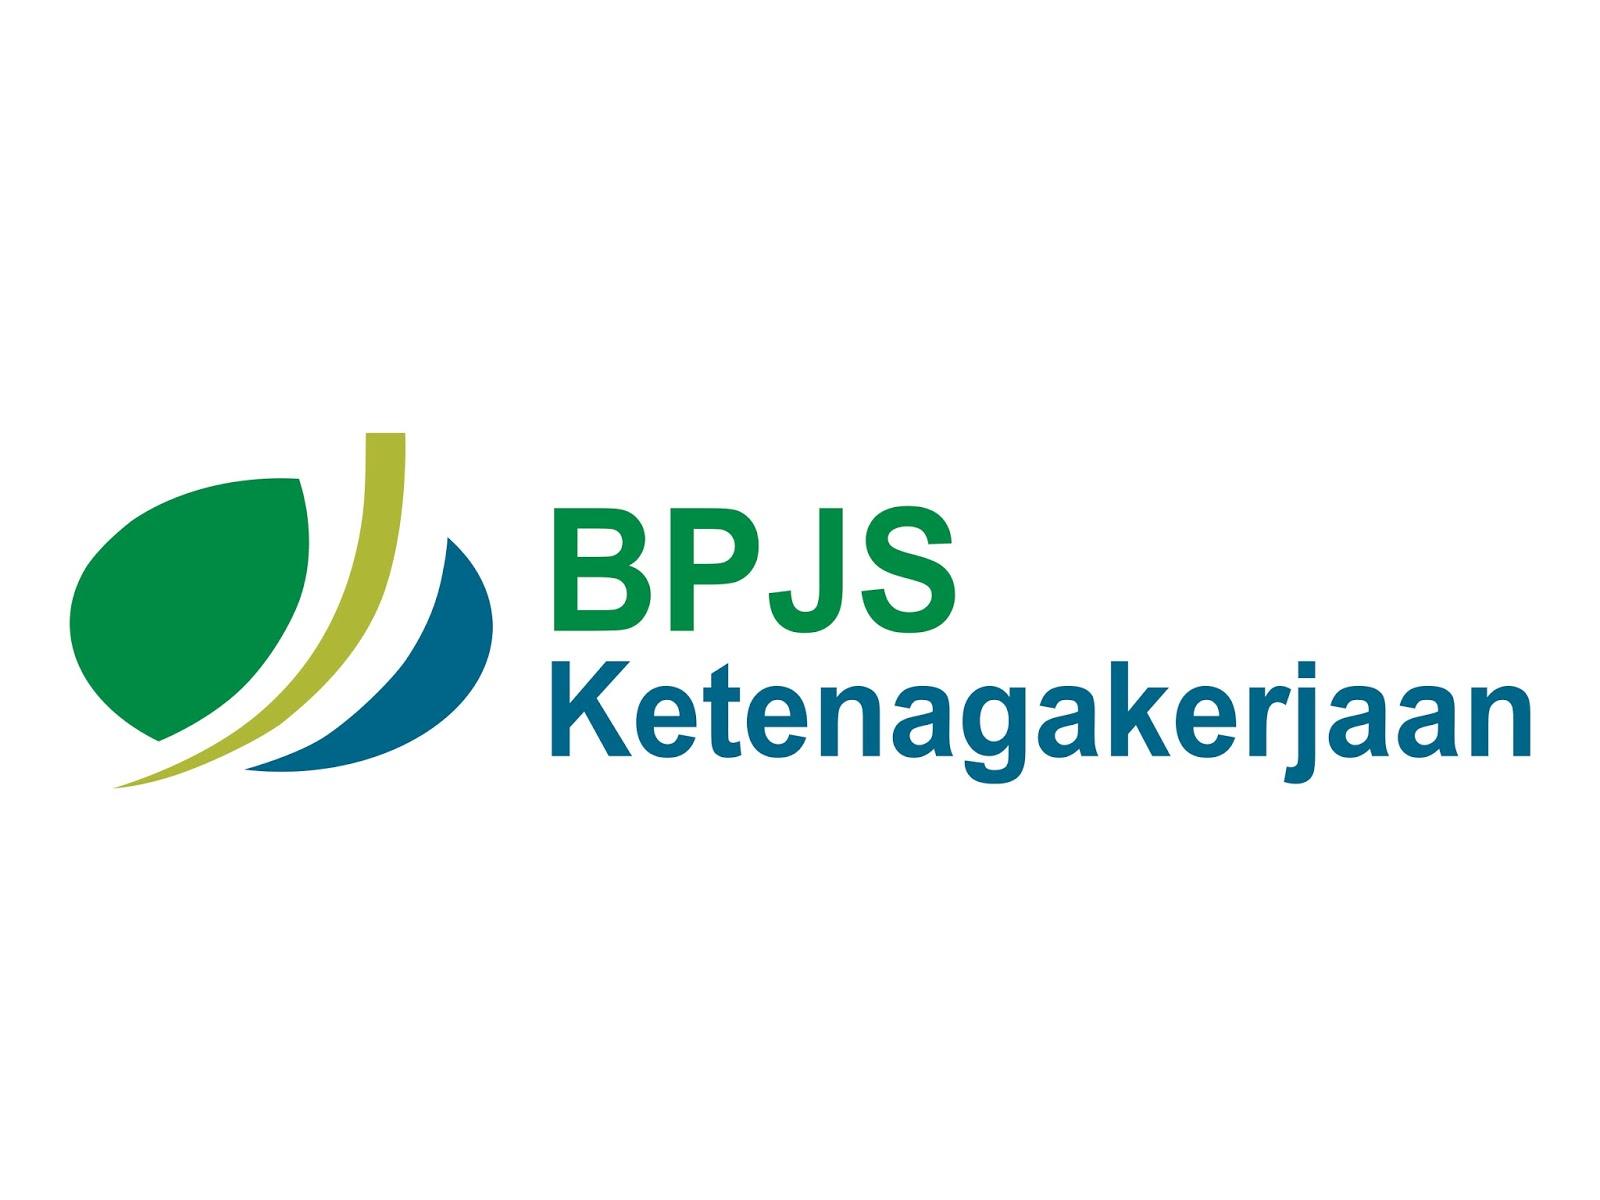 Bpjstk Edukasi Sistem Antrean Online Berita Tangerang